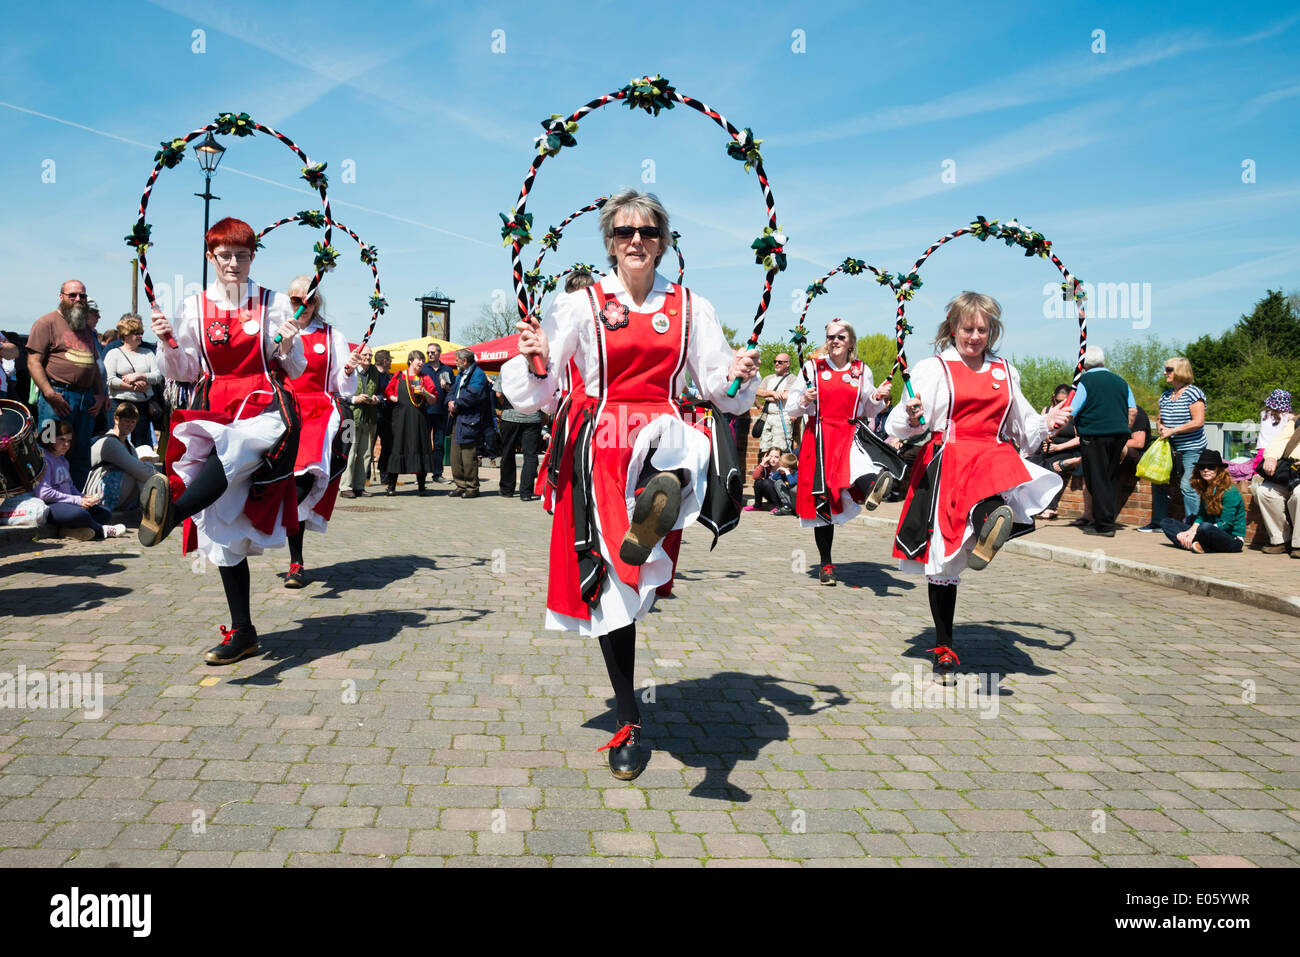 Upton en Severn, Worcestershire, Reino Unido. El 3 de mayo de 2014 bailarines folclóricos entretener a la gente Imagen De Stock